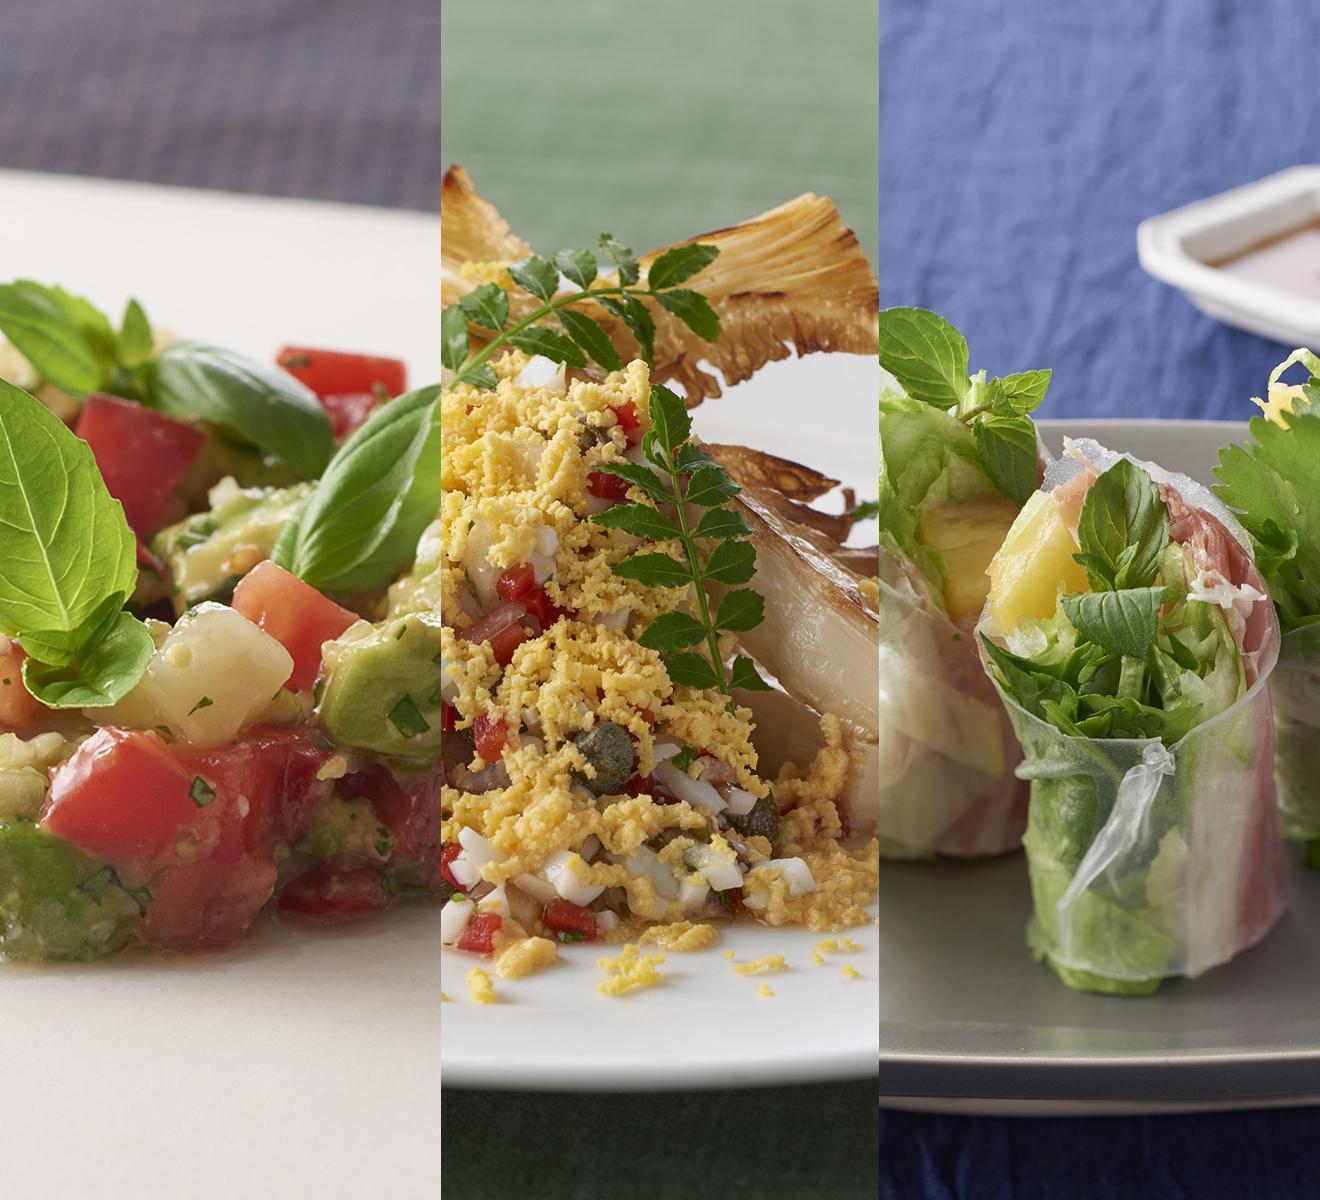 8月料理セミナー   「夏野菜を使ったレシピで日焼け跡を残さない!」の受付を開始します